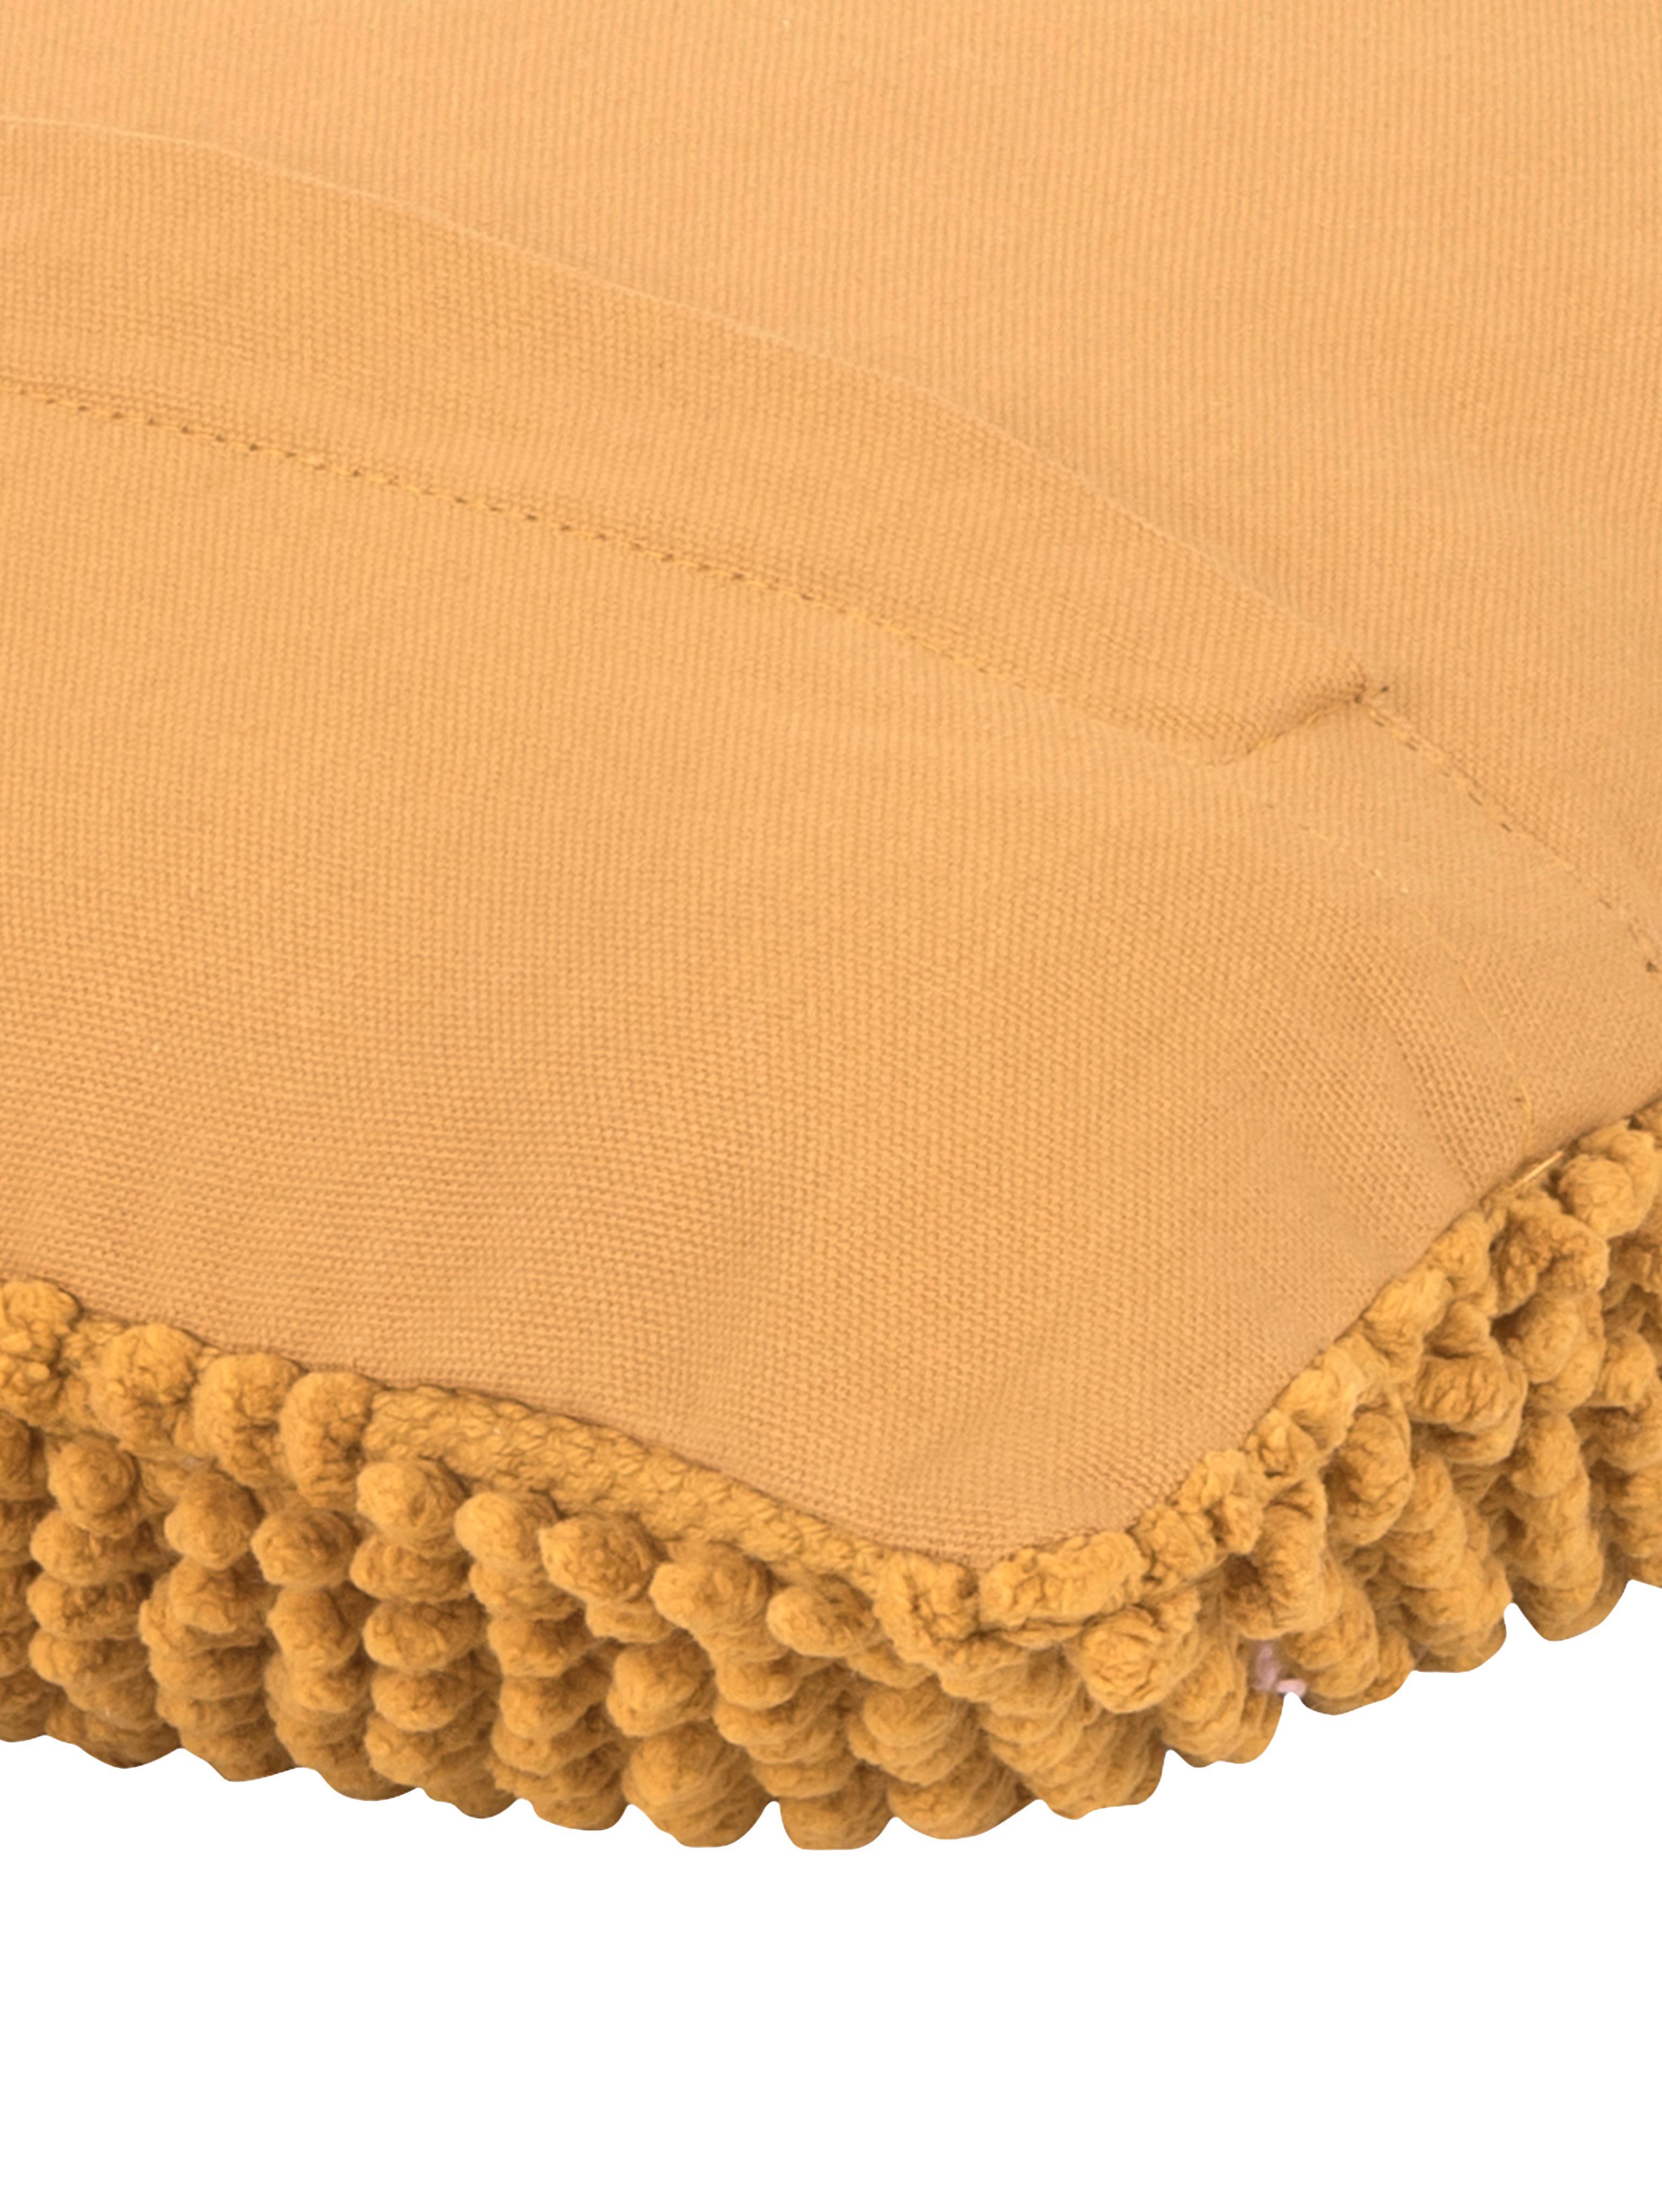 Kissenhülle Indi mit strukturierter Oberfläche in Senfgelb, 100% Baumwolle, Gelb, 45 x 45 cm